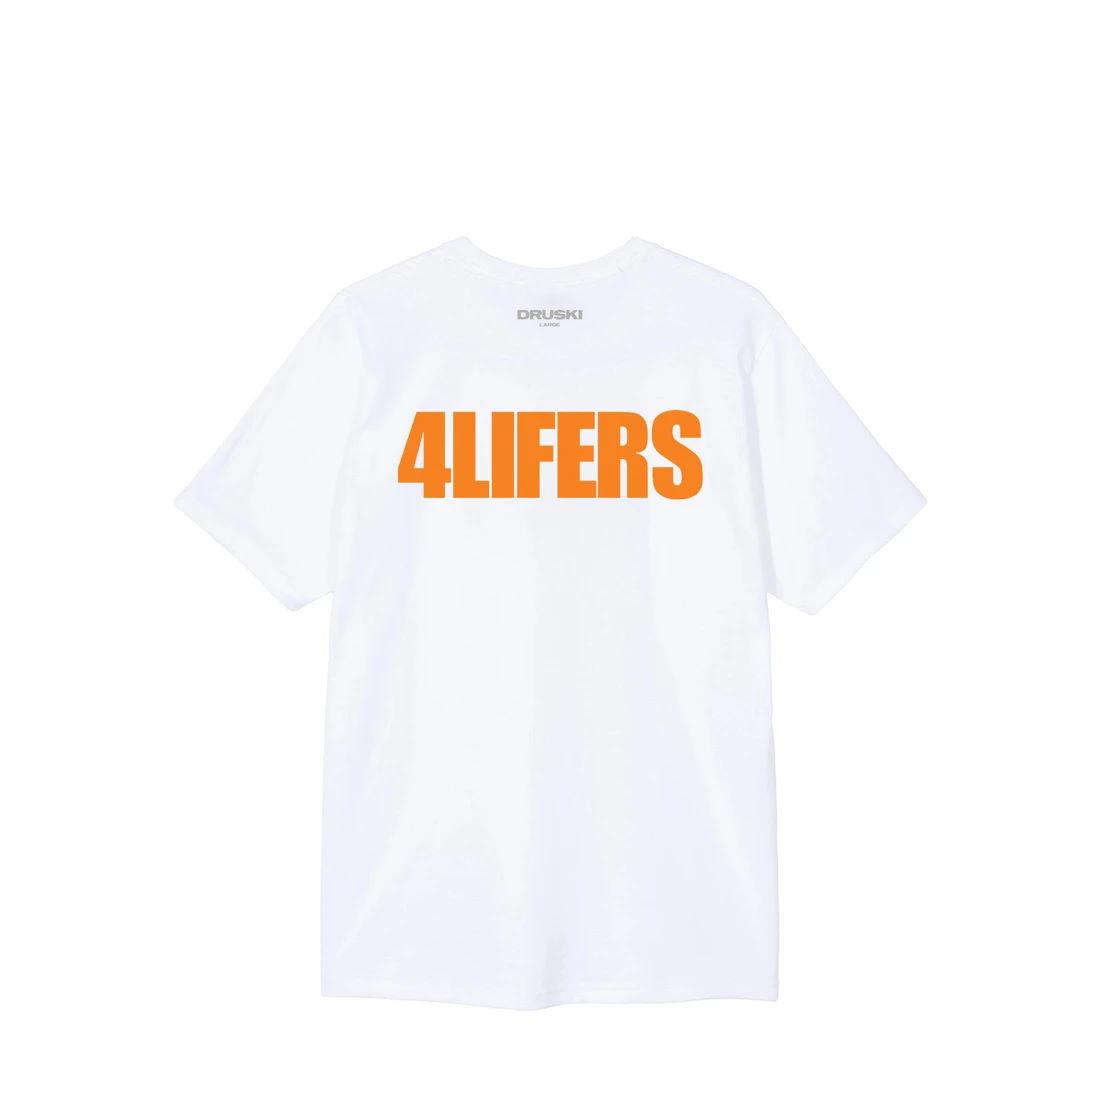 4Lifers Tee - White